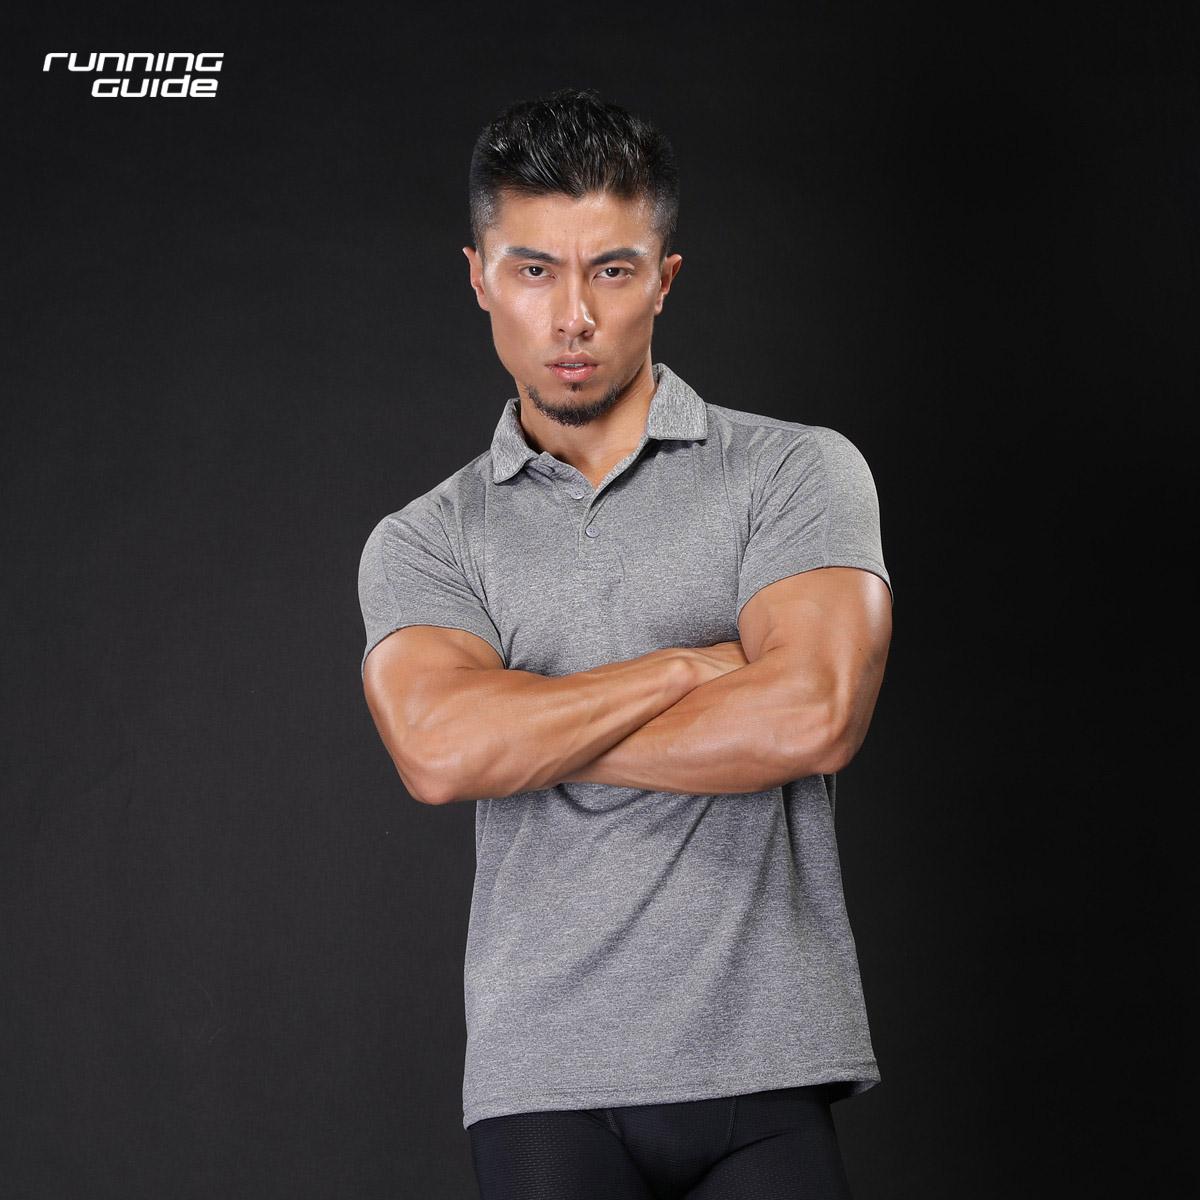 跑步指南 3632新品男款POLO衫短袖运动休闲修身显瘦速干透气针